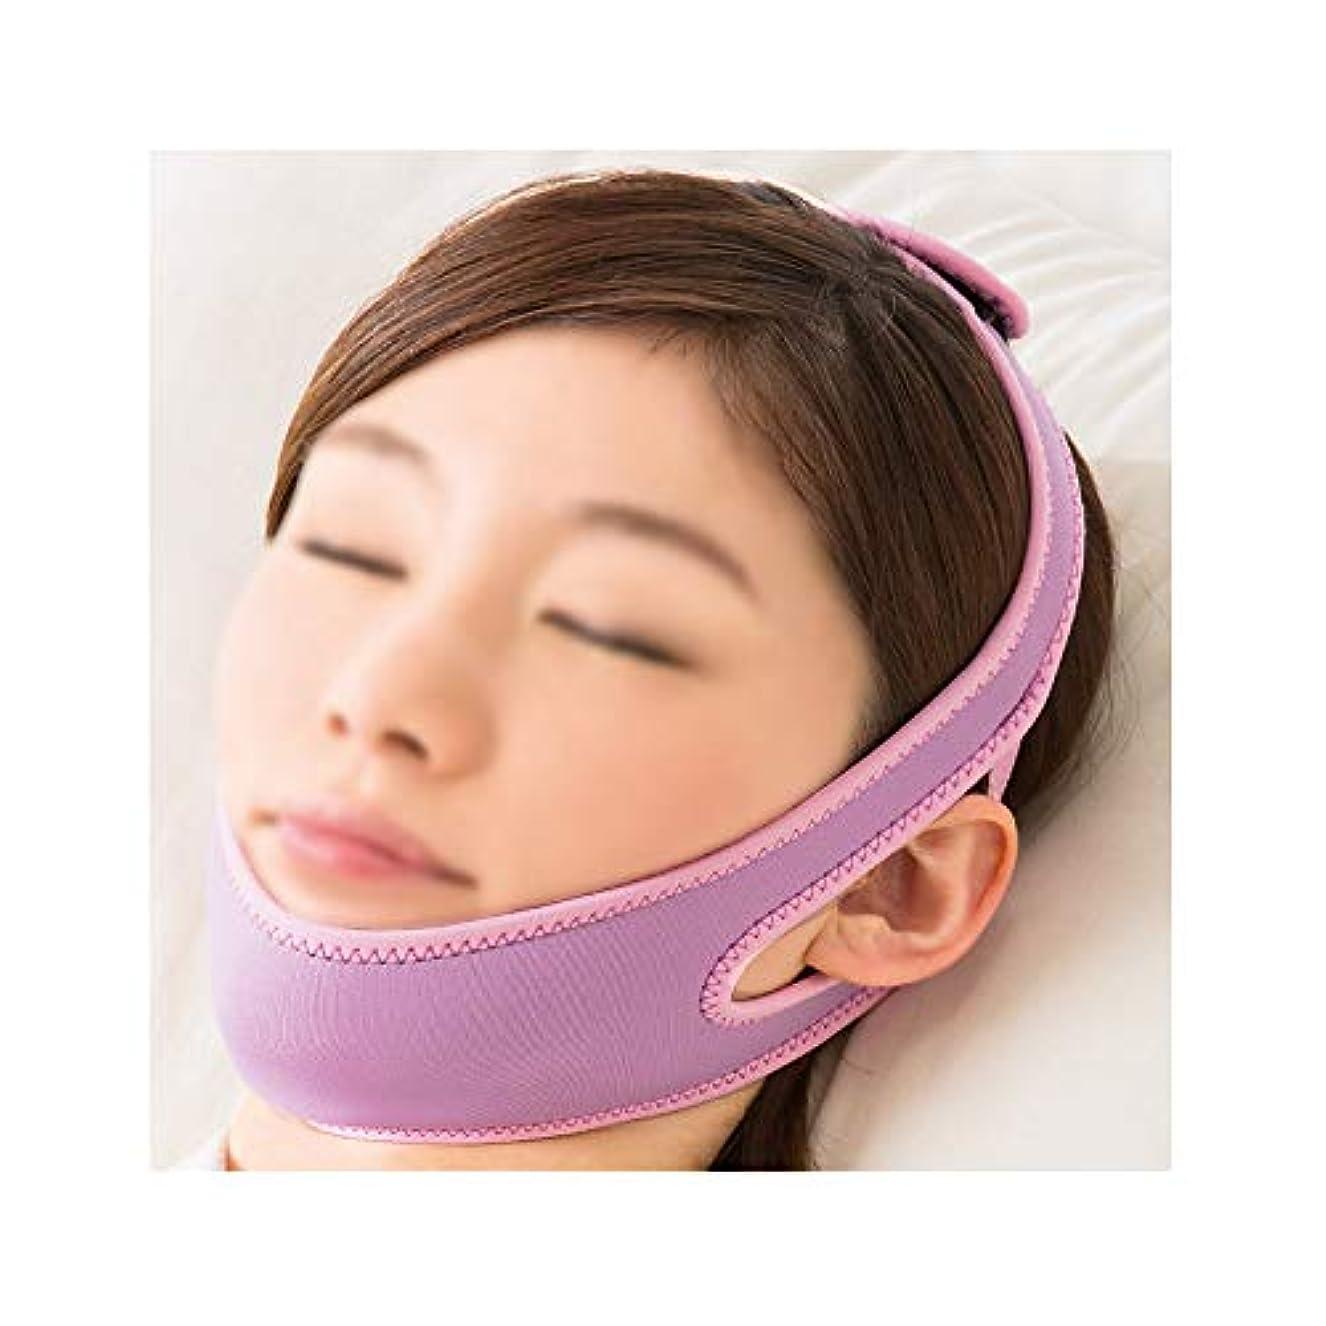 キャンプ影響ラックGLJJQMY マスクフェイスリフトアーチファクトマスク垂れ顔小さいVフェイス包帯通気性睡眠両面あごスーツ睡眠弾性痩身ベルト 顔用整形マスク